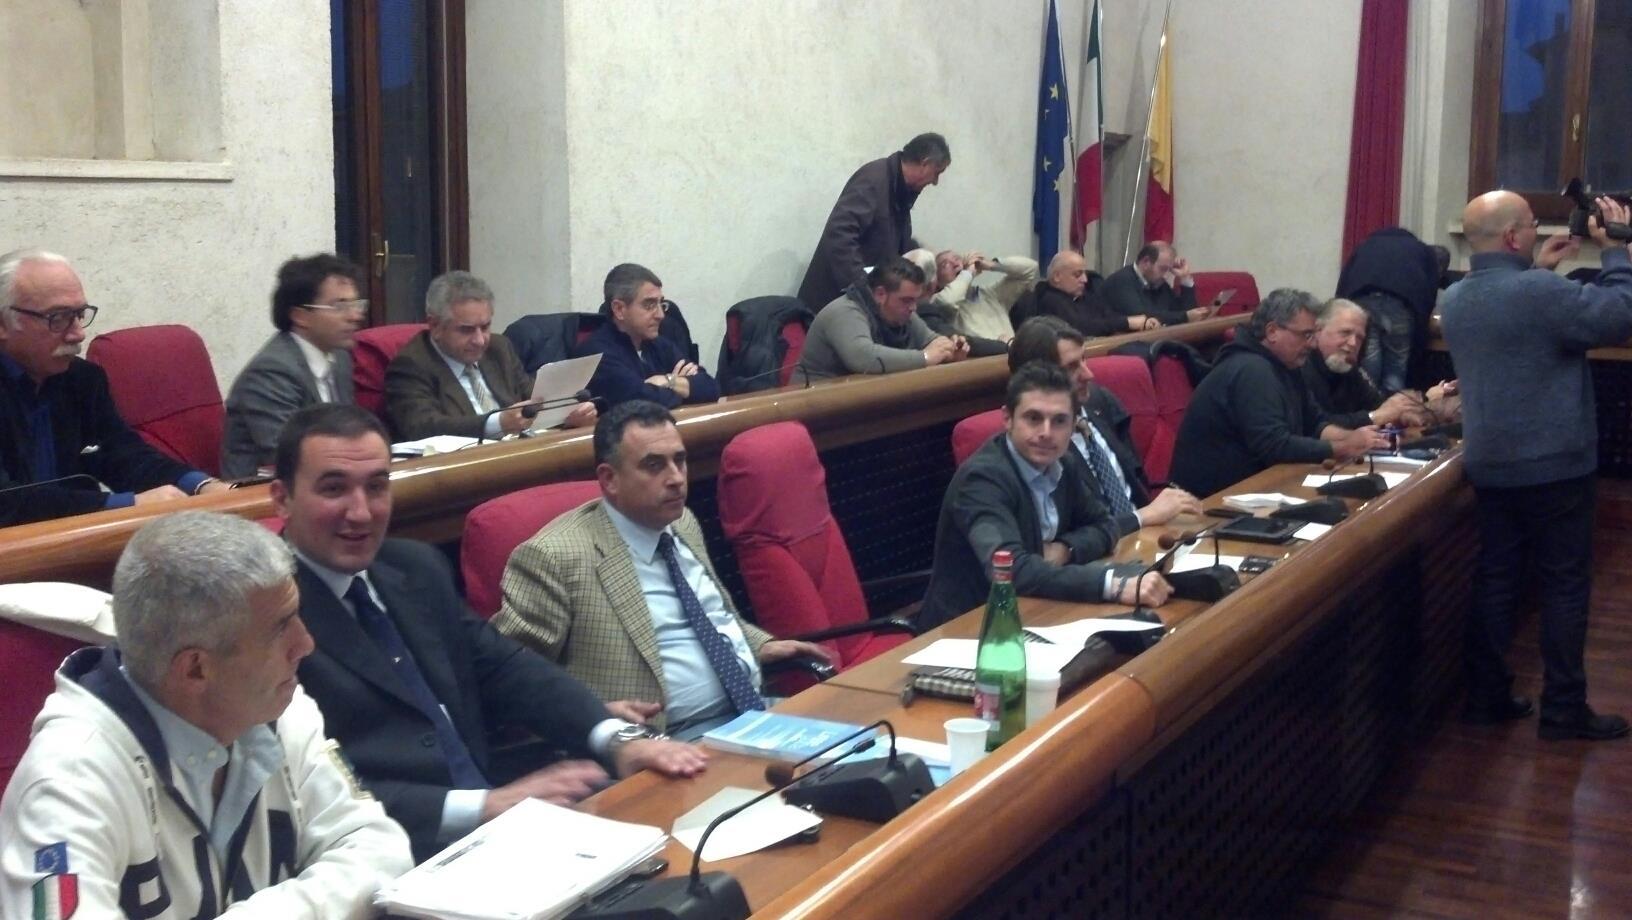 Consiglio comunale ad Ascoli, i banchi del centrodestra